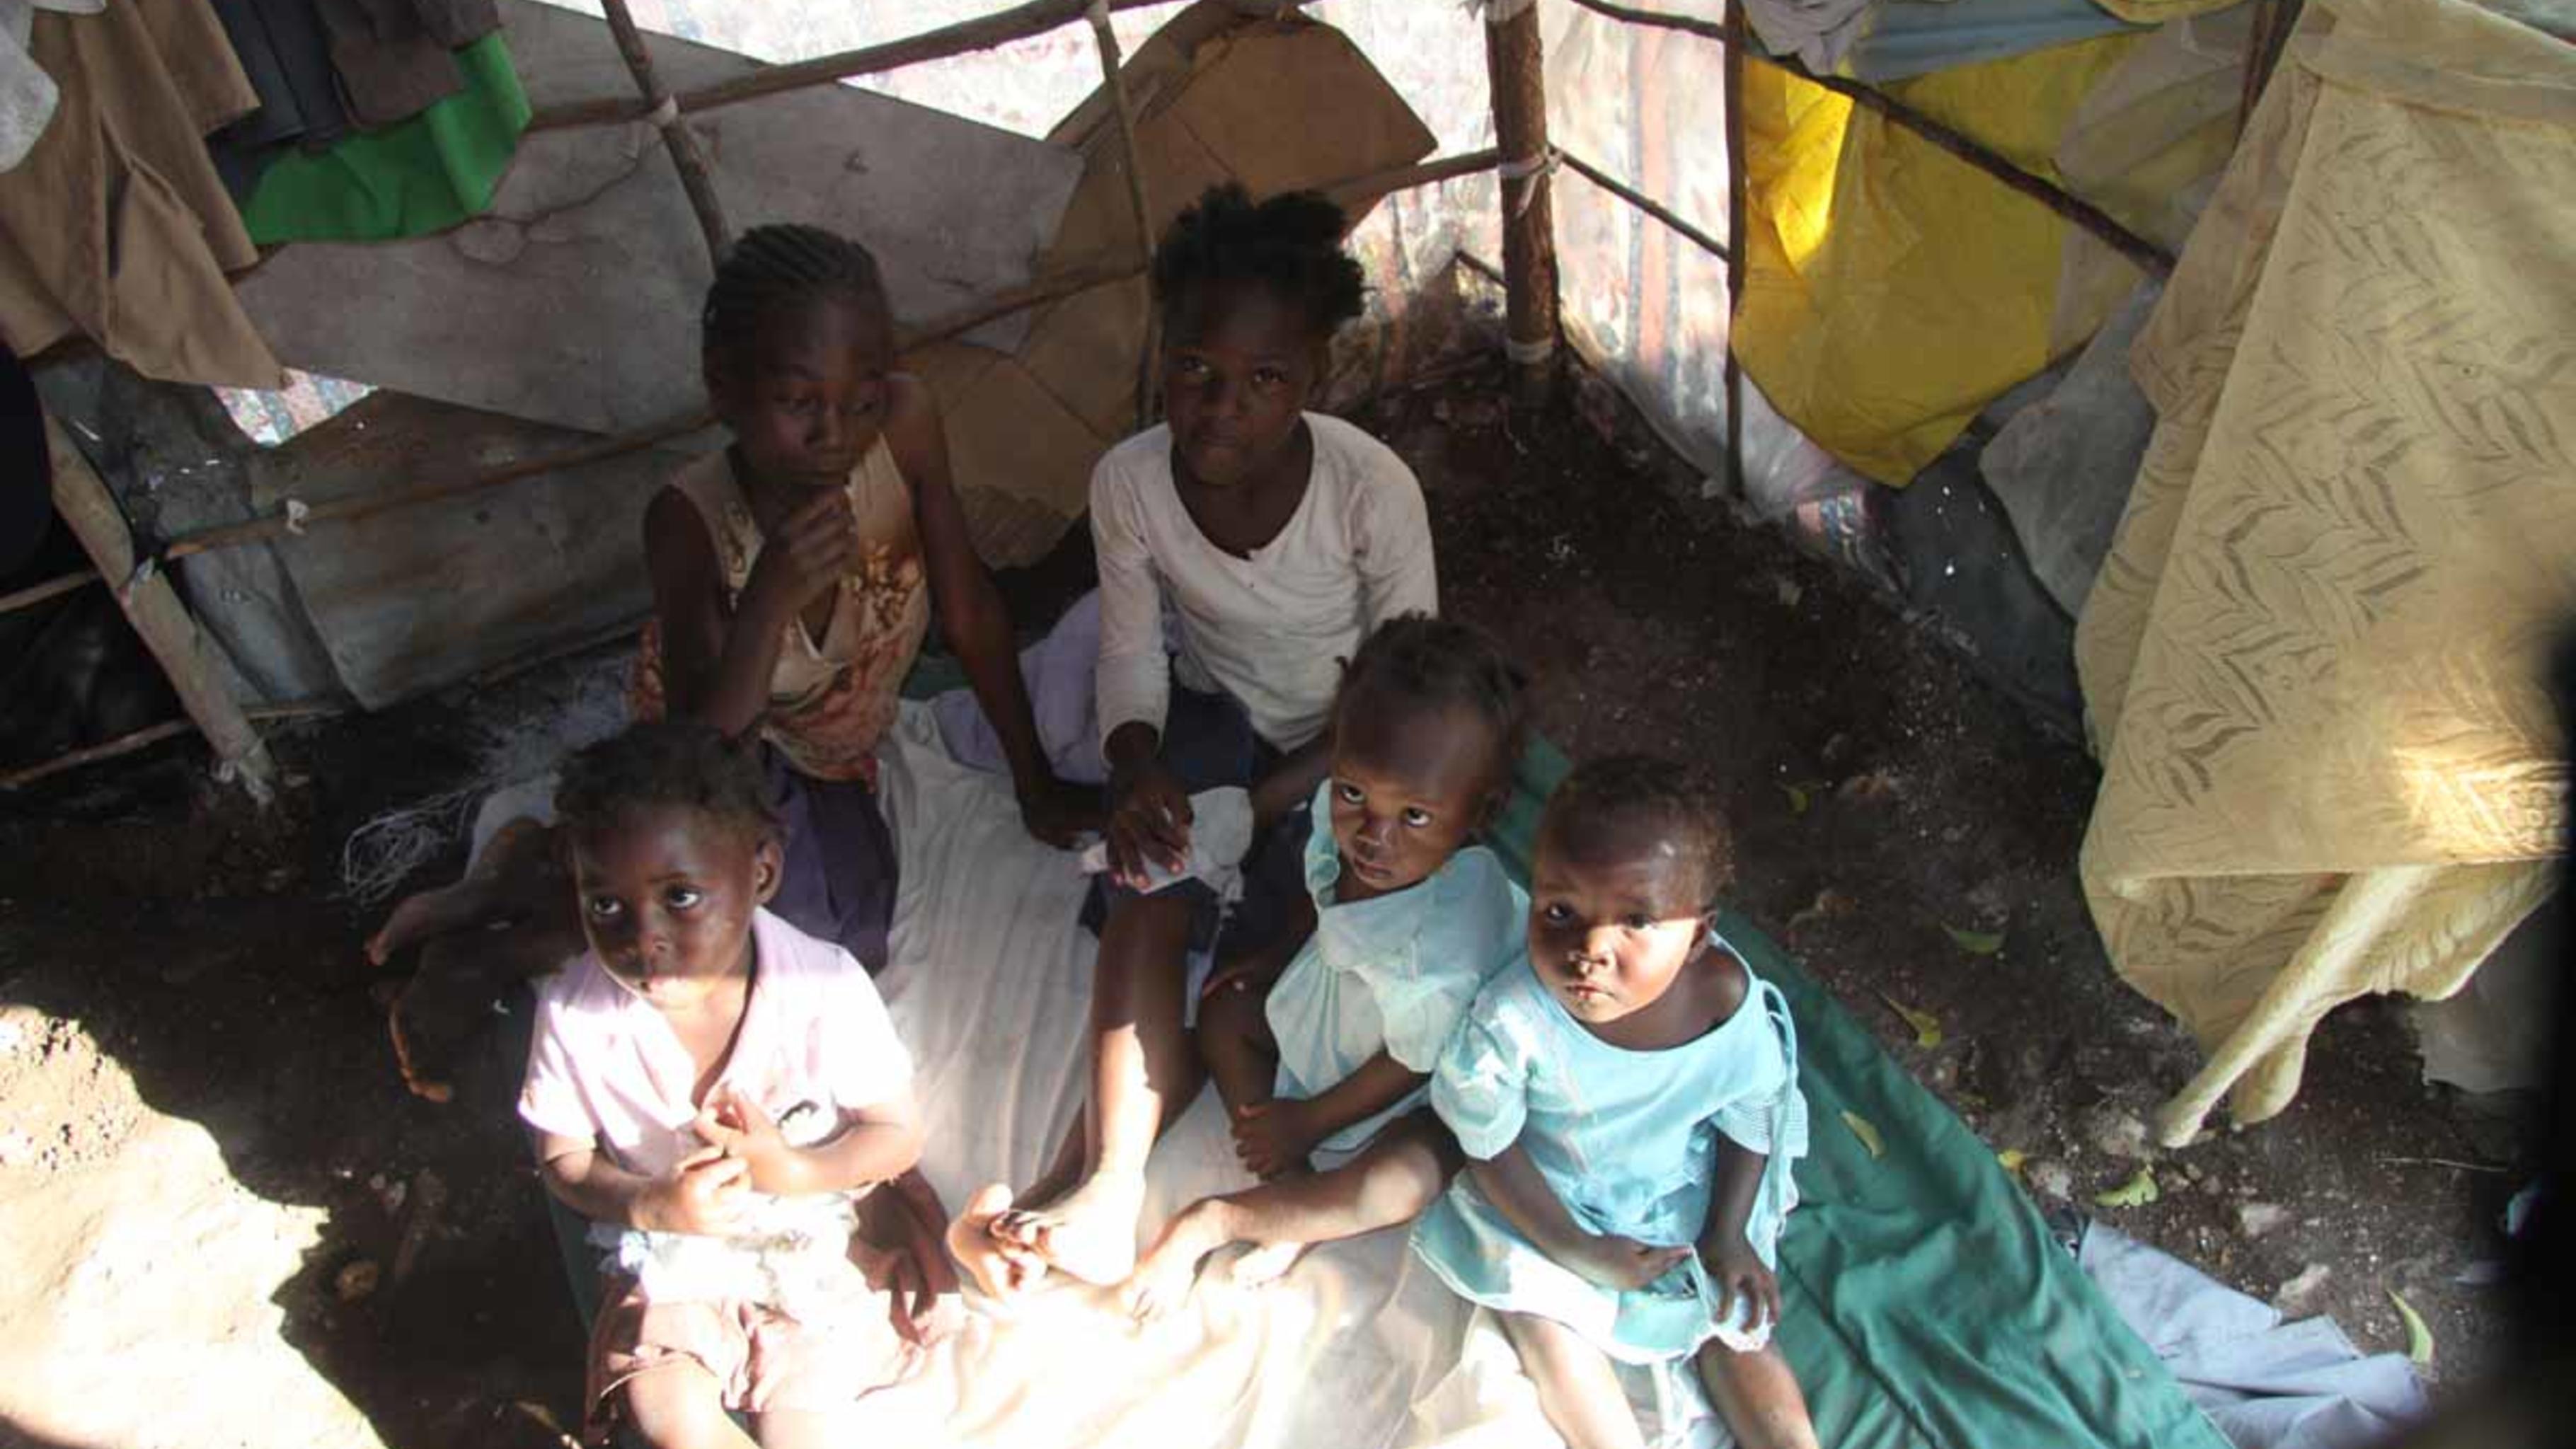 Foto: Familie in ihrem Zelt